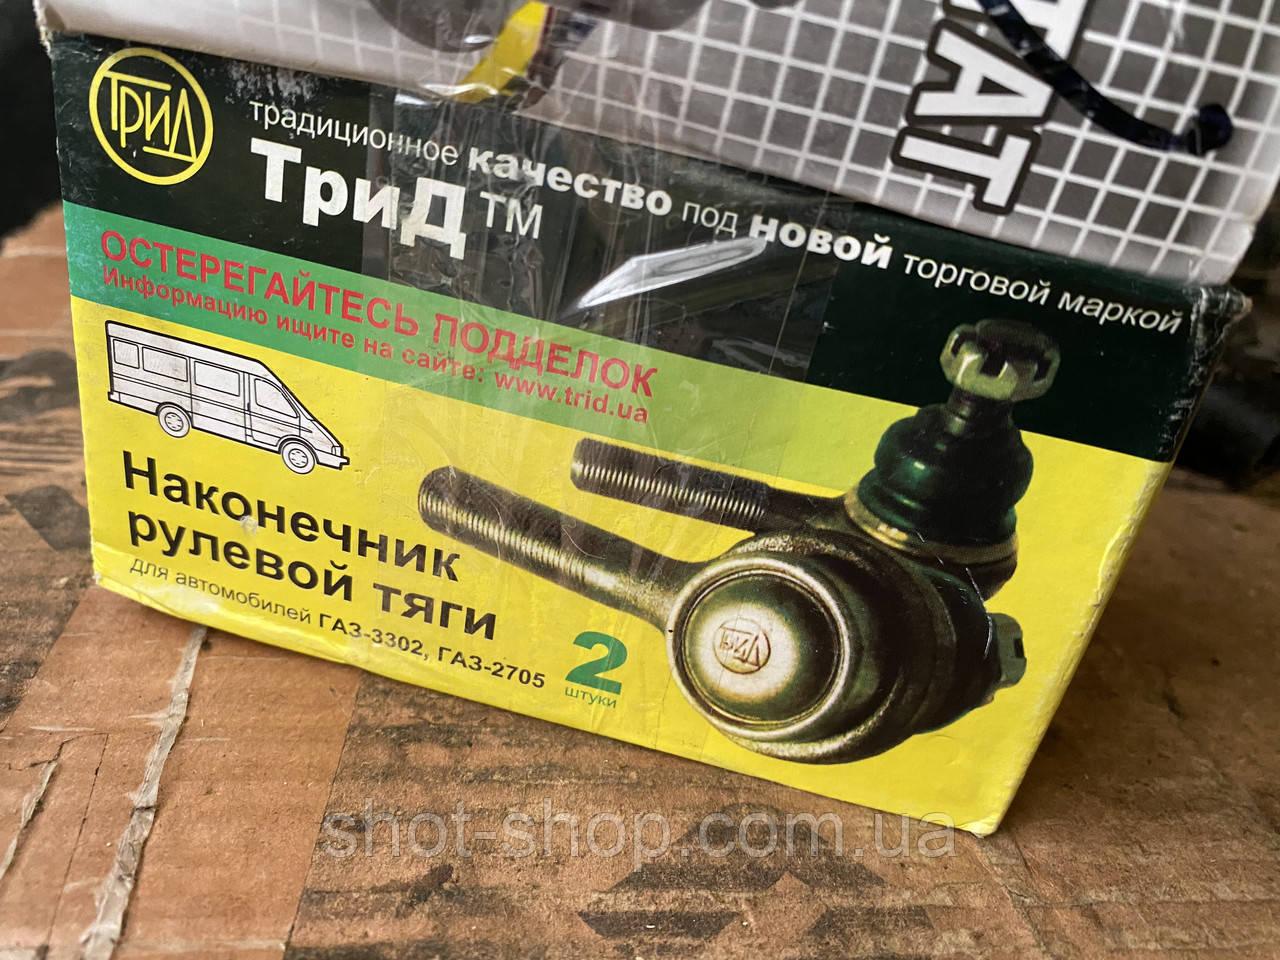 Ремкомплект рулевого наконечника (к-кт лев/прав) Газель (пр-во ТРИД)